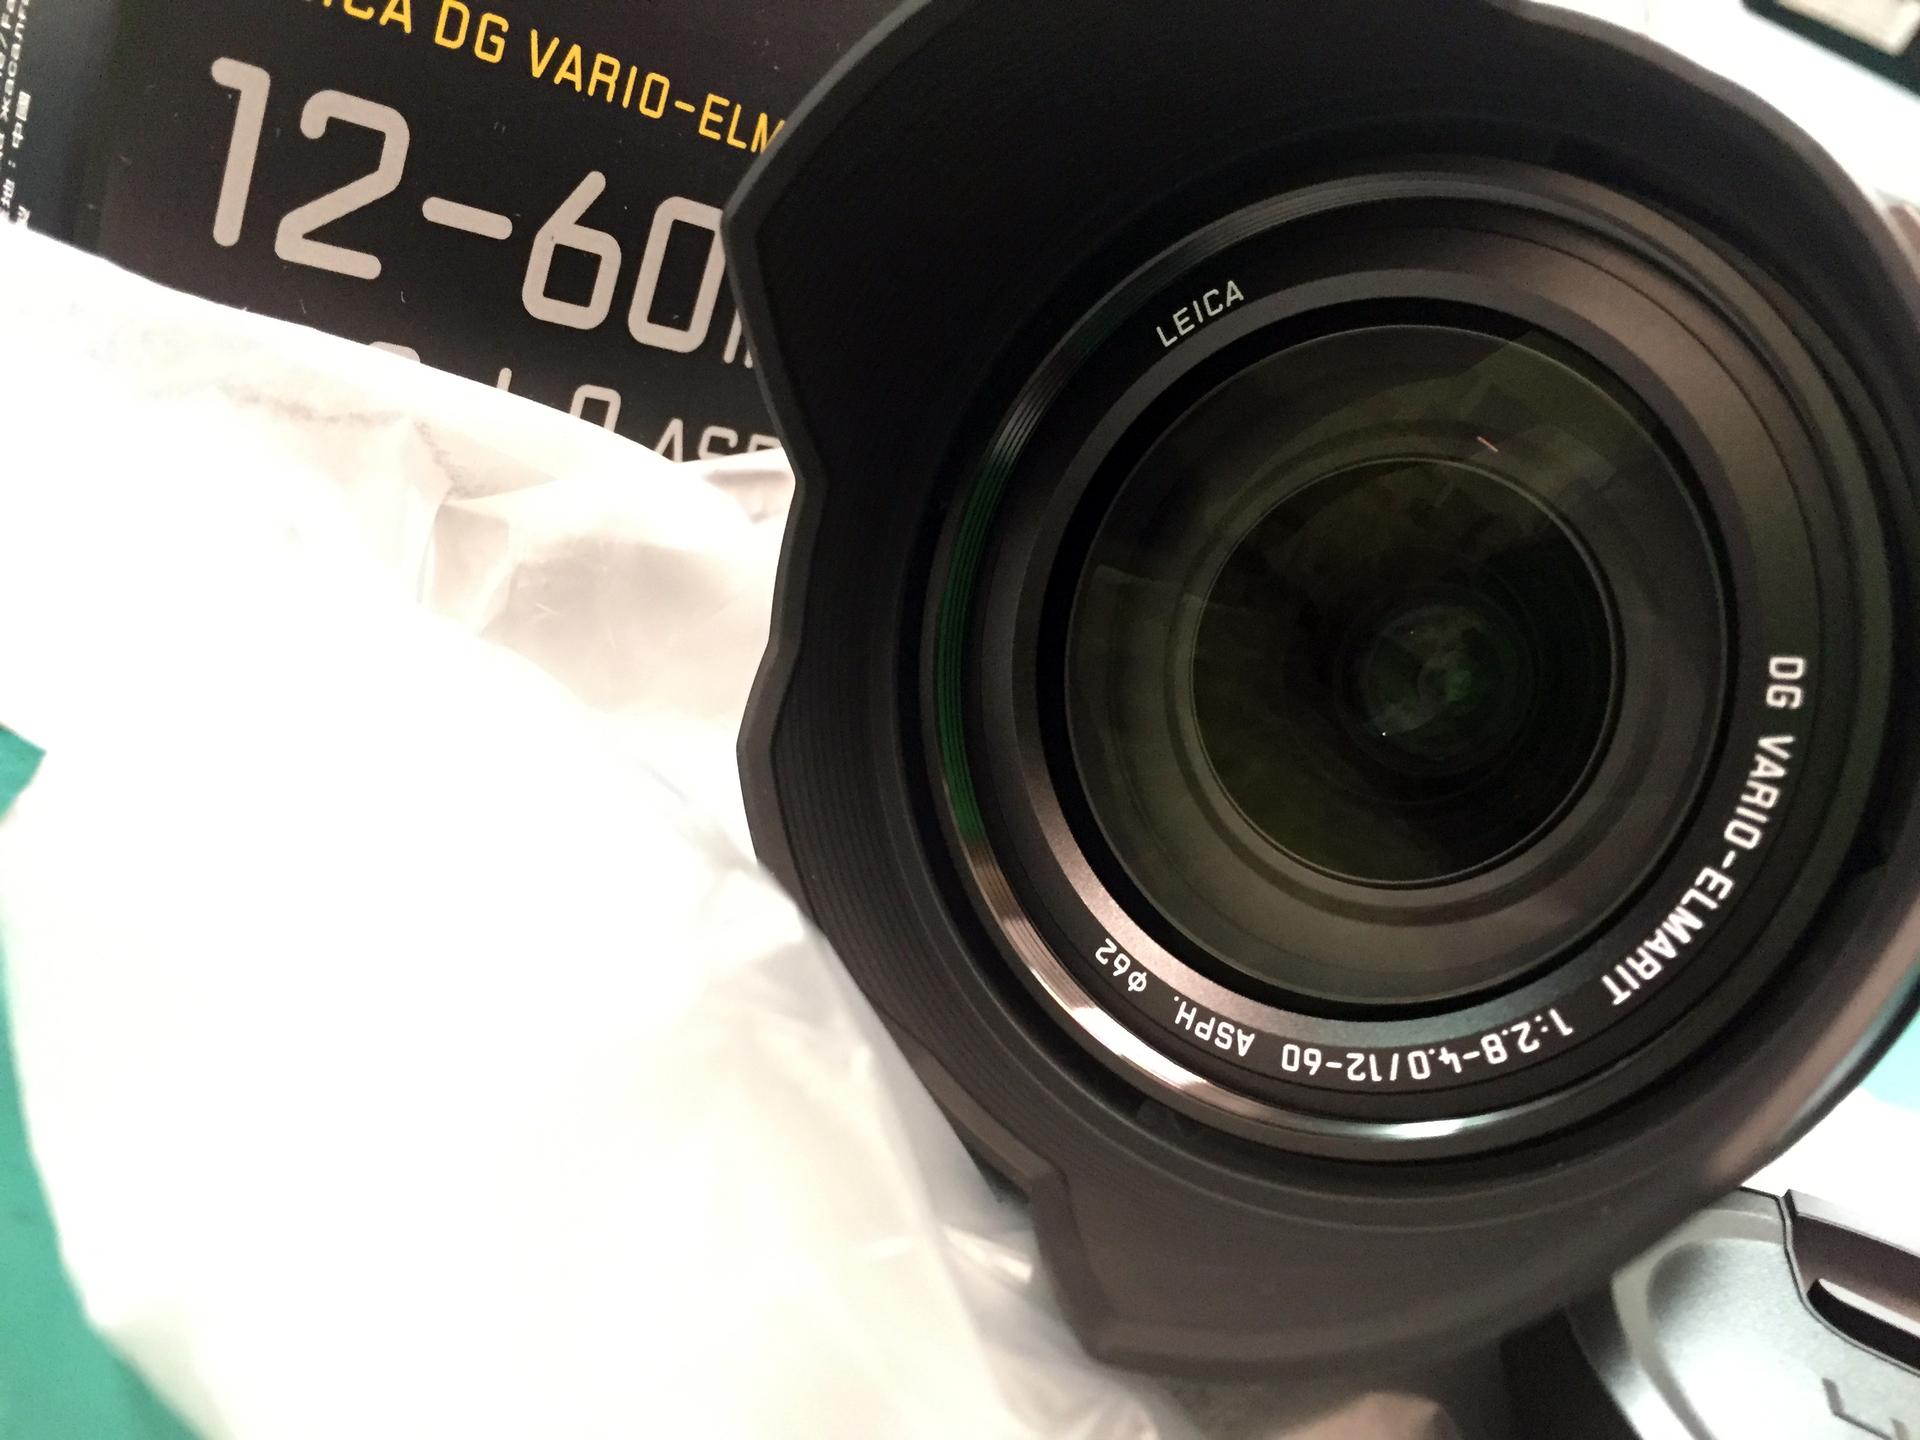 LEICA DG VARIO-ELMARIT 12-60mm F2.8 04.JPG